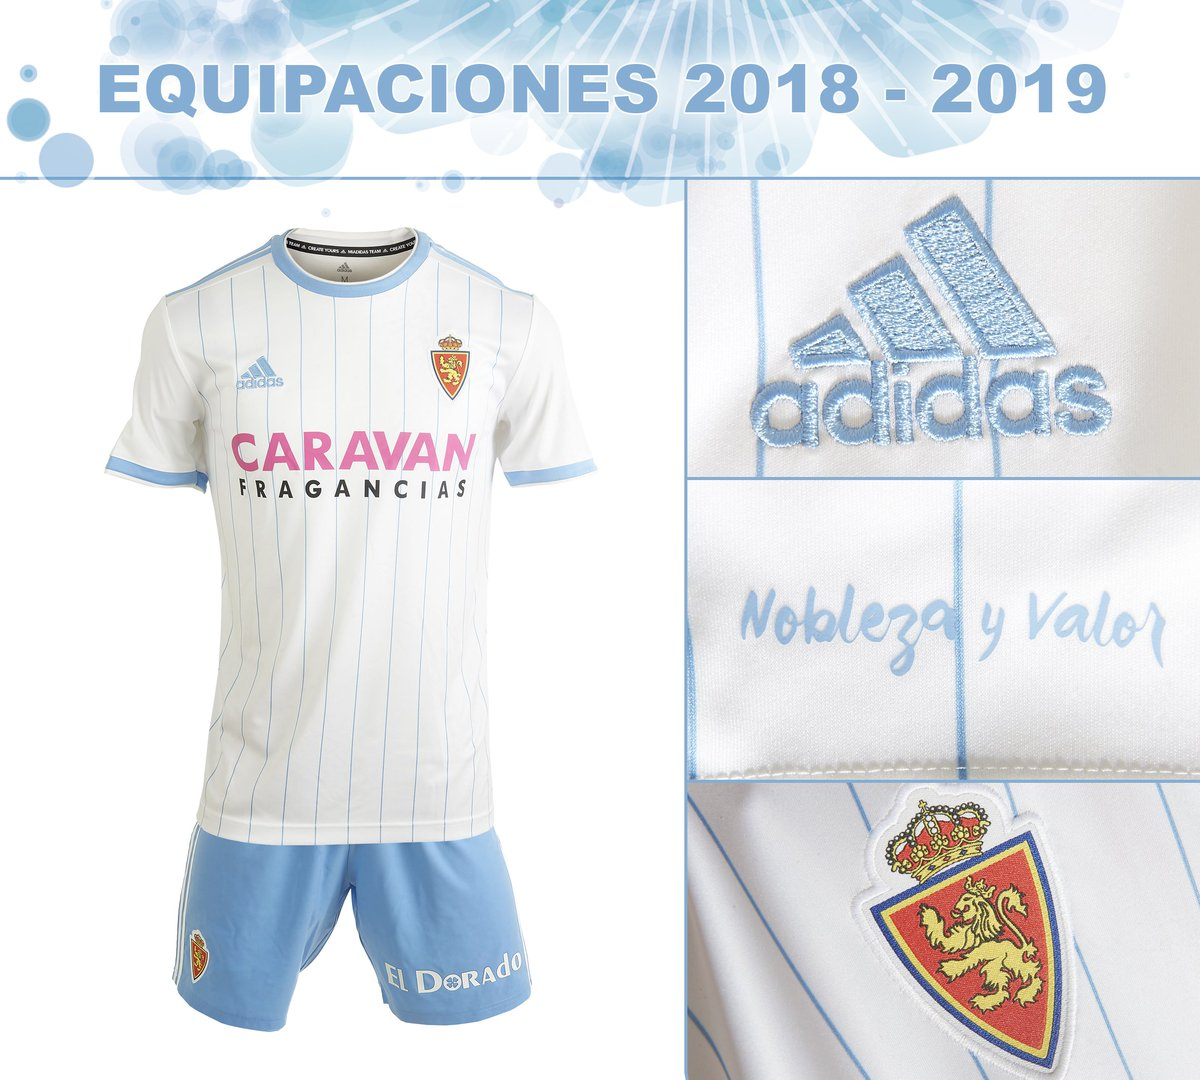 Real Zaragoza (Misma base que Oviedo y casi igual que Dinamo de Minsk)  9c5f4a00f1e66